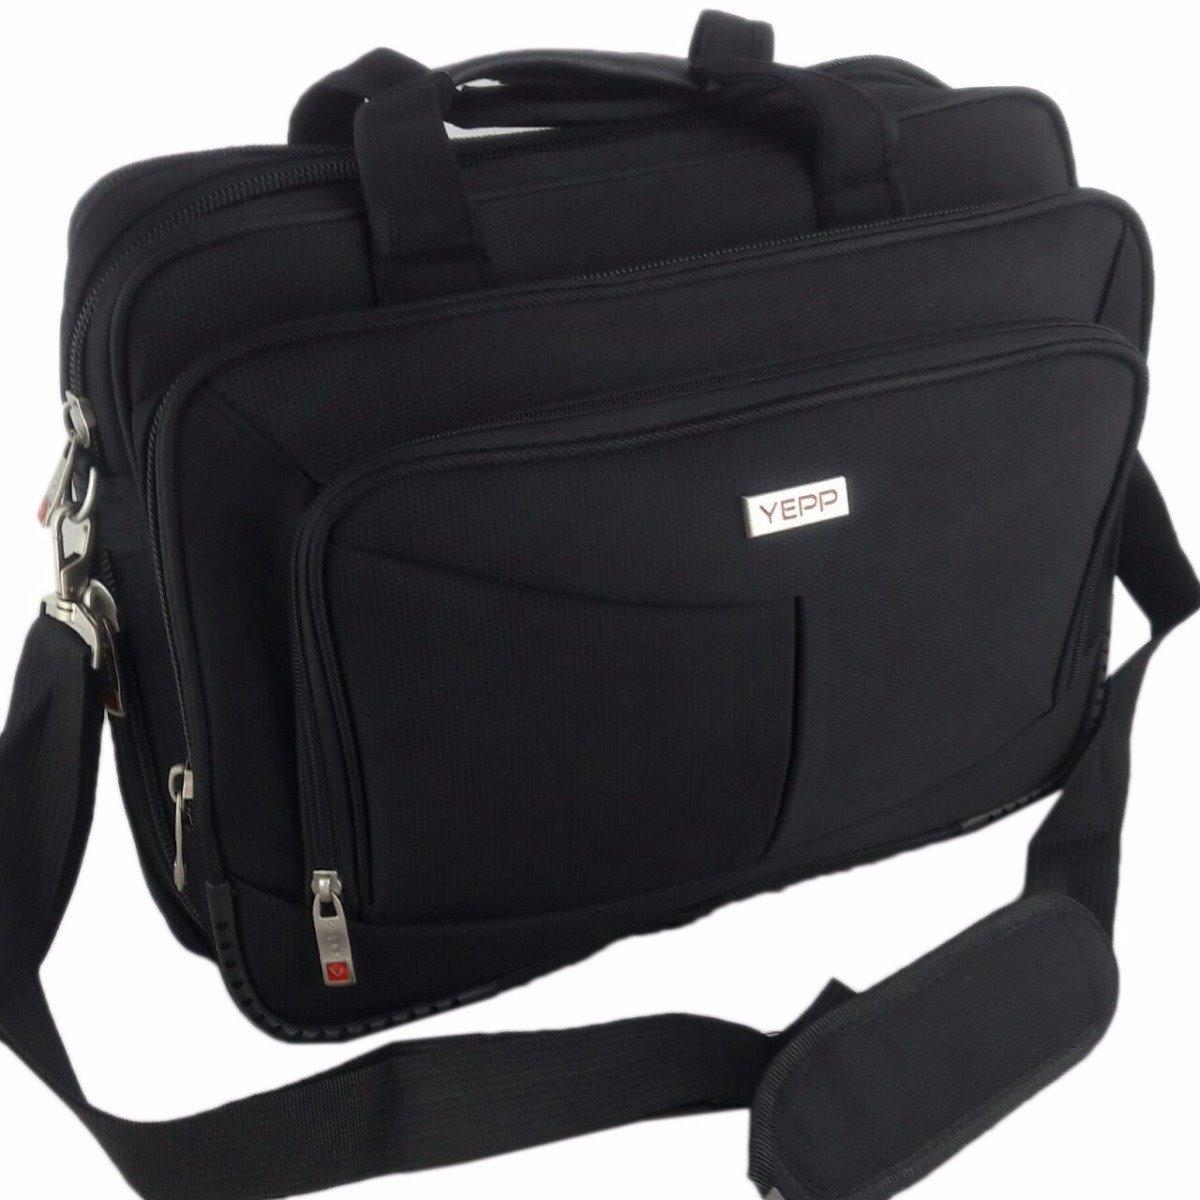 7bb94b09668 maleta pasta promoção couro preta executiva bolsa notebook. Carregando zoom.